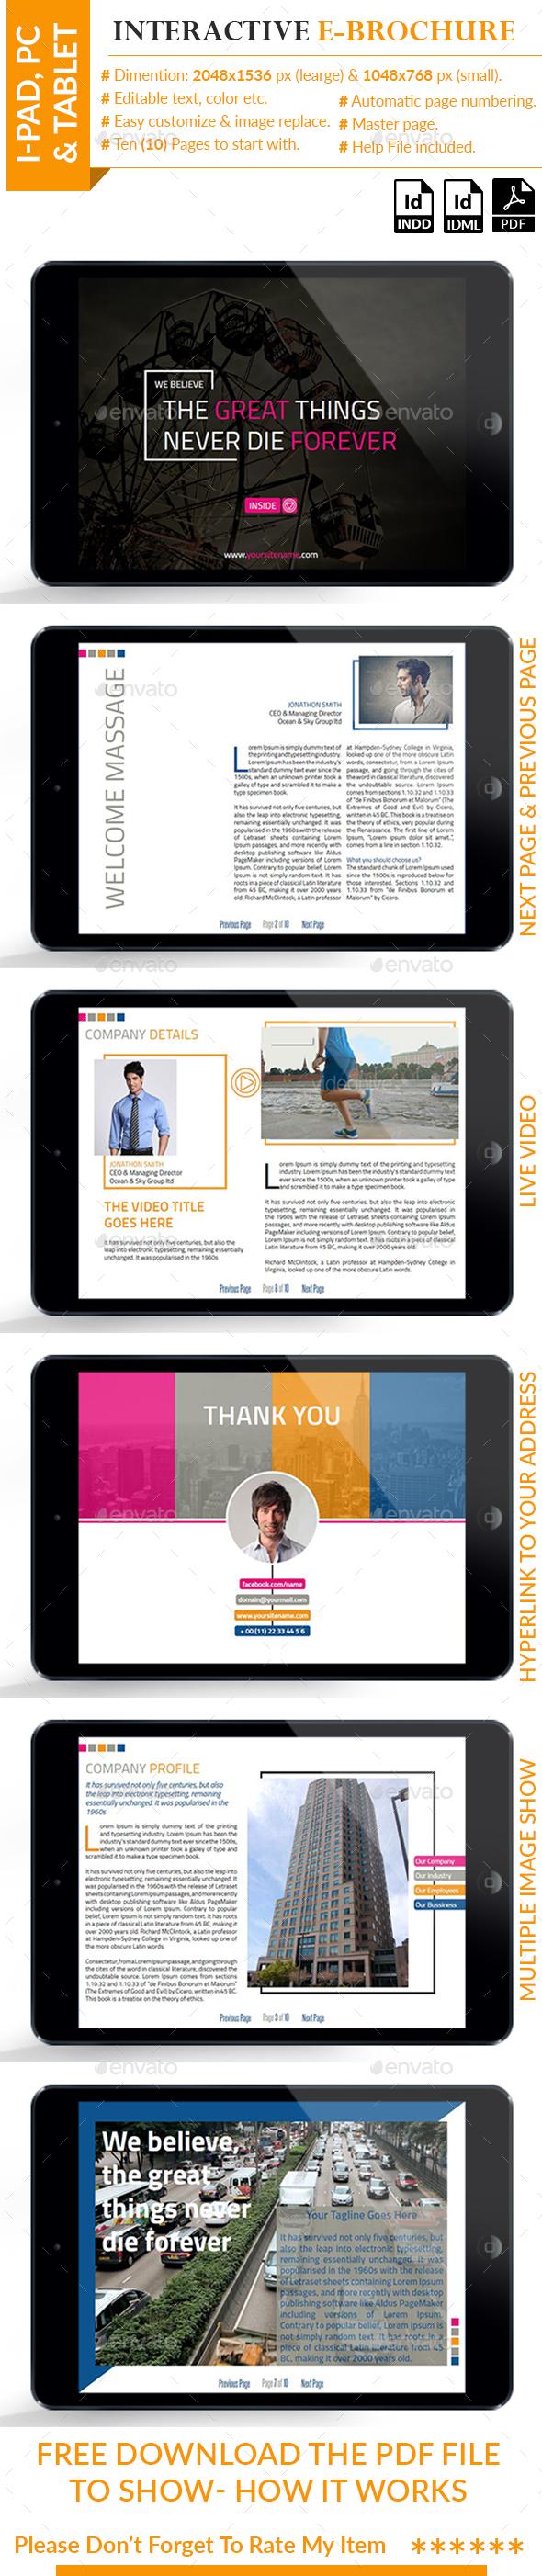 Interactive E-Brochure - Digital Books ePublishing